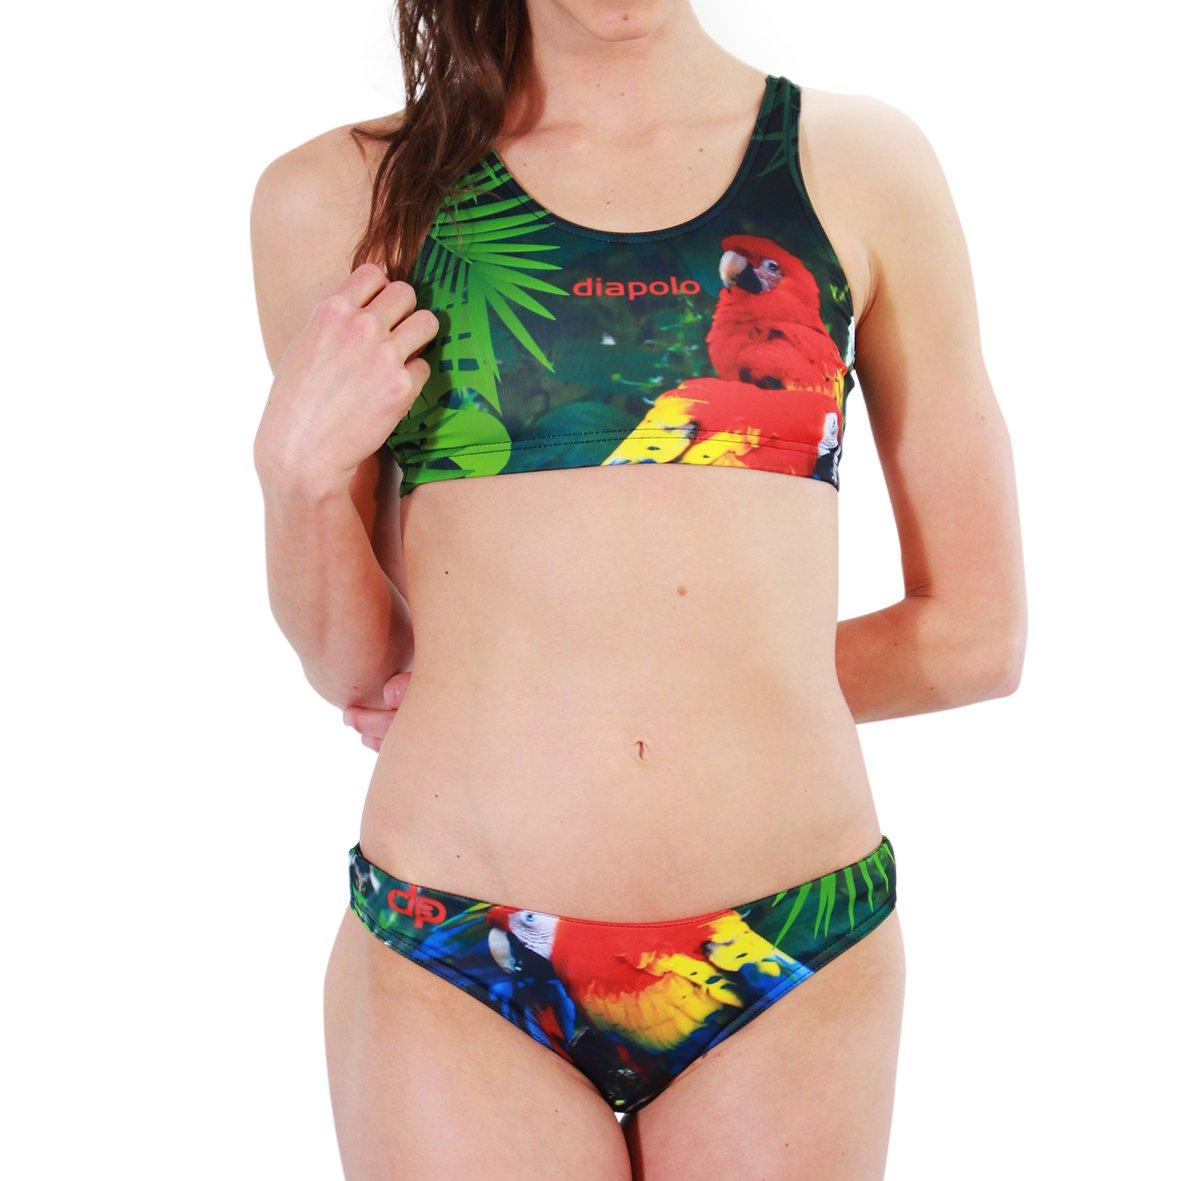 Diapolo Parrot Sport-Bikini Zweiteiler aus der Wild Animals Kollektion für Schwimmen Synchronschwimmen Wasserball Thriathlon by